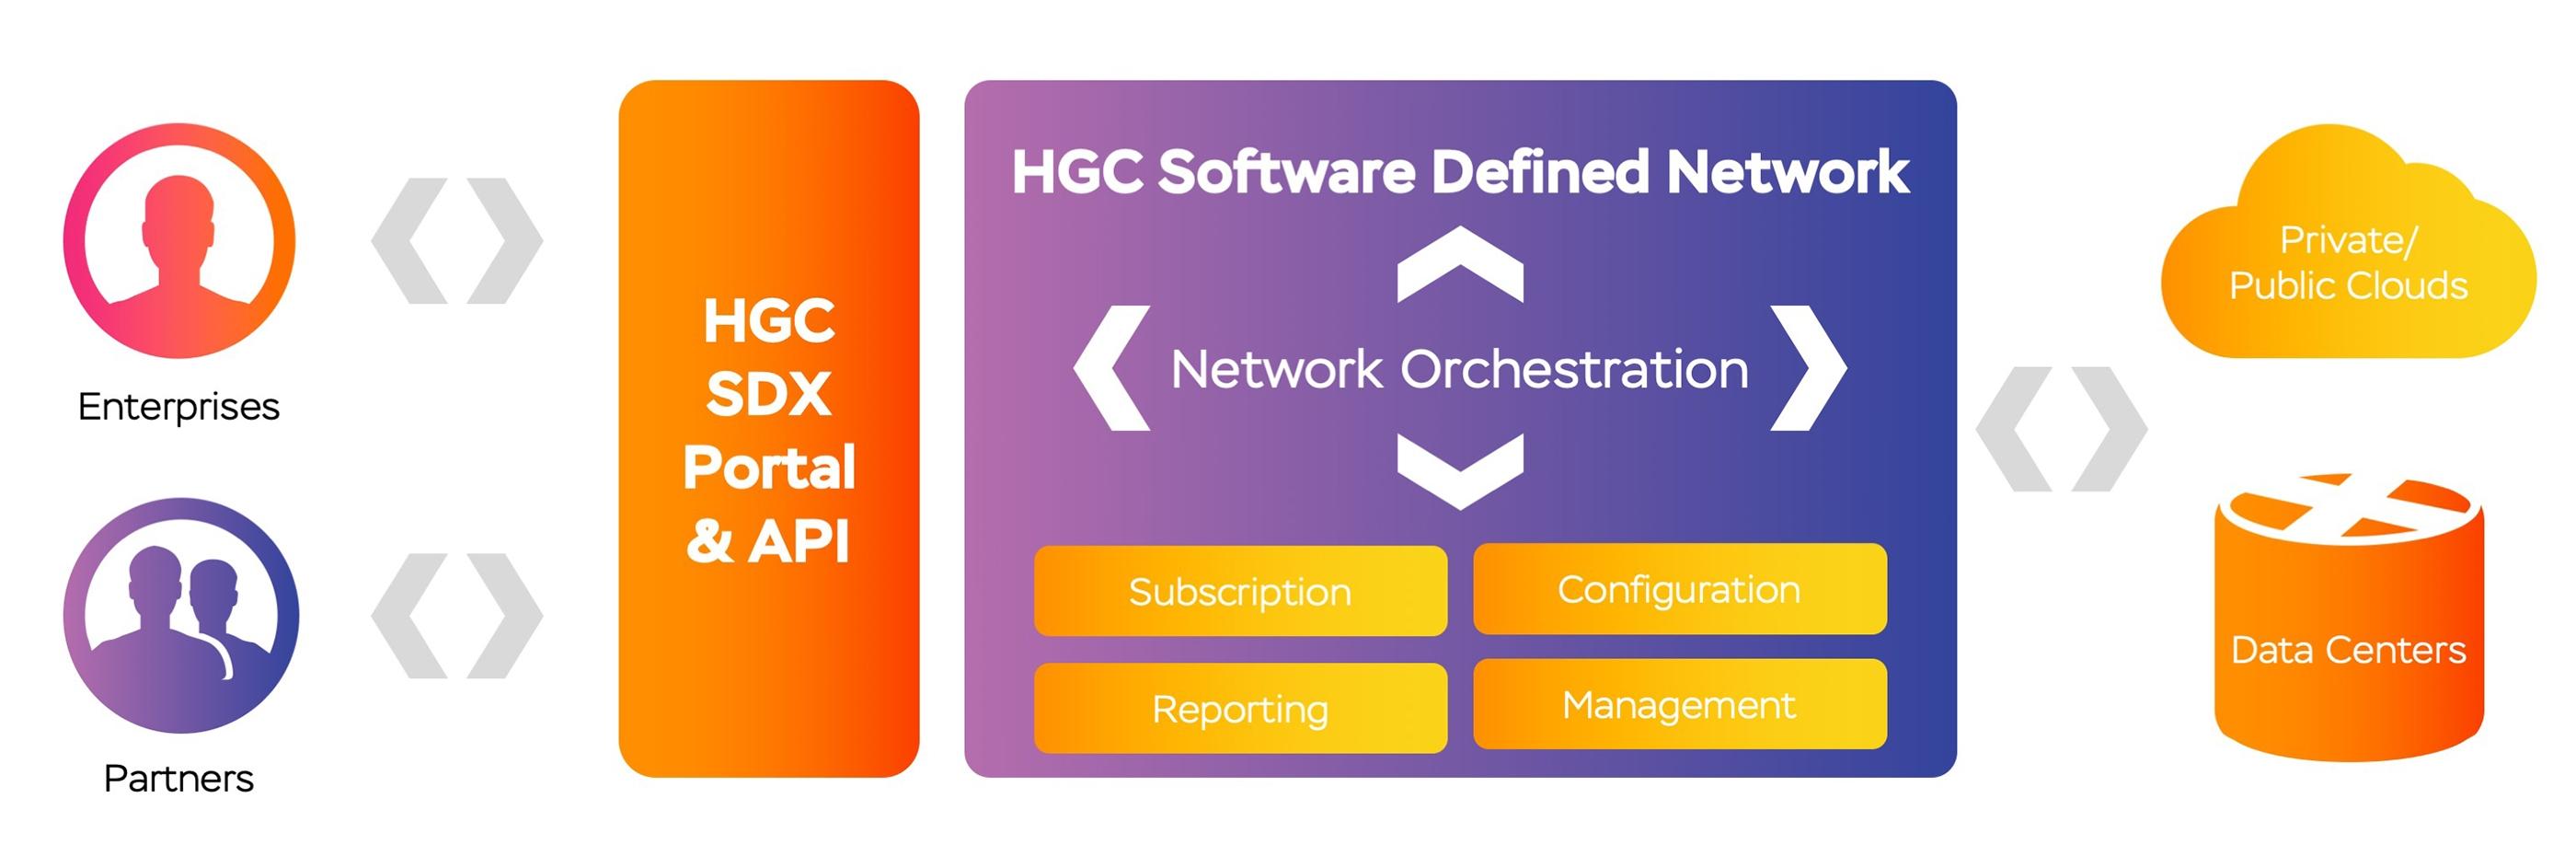 HGC_IG_SDN.jpg